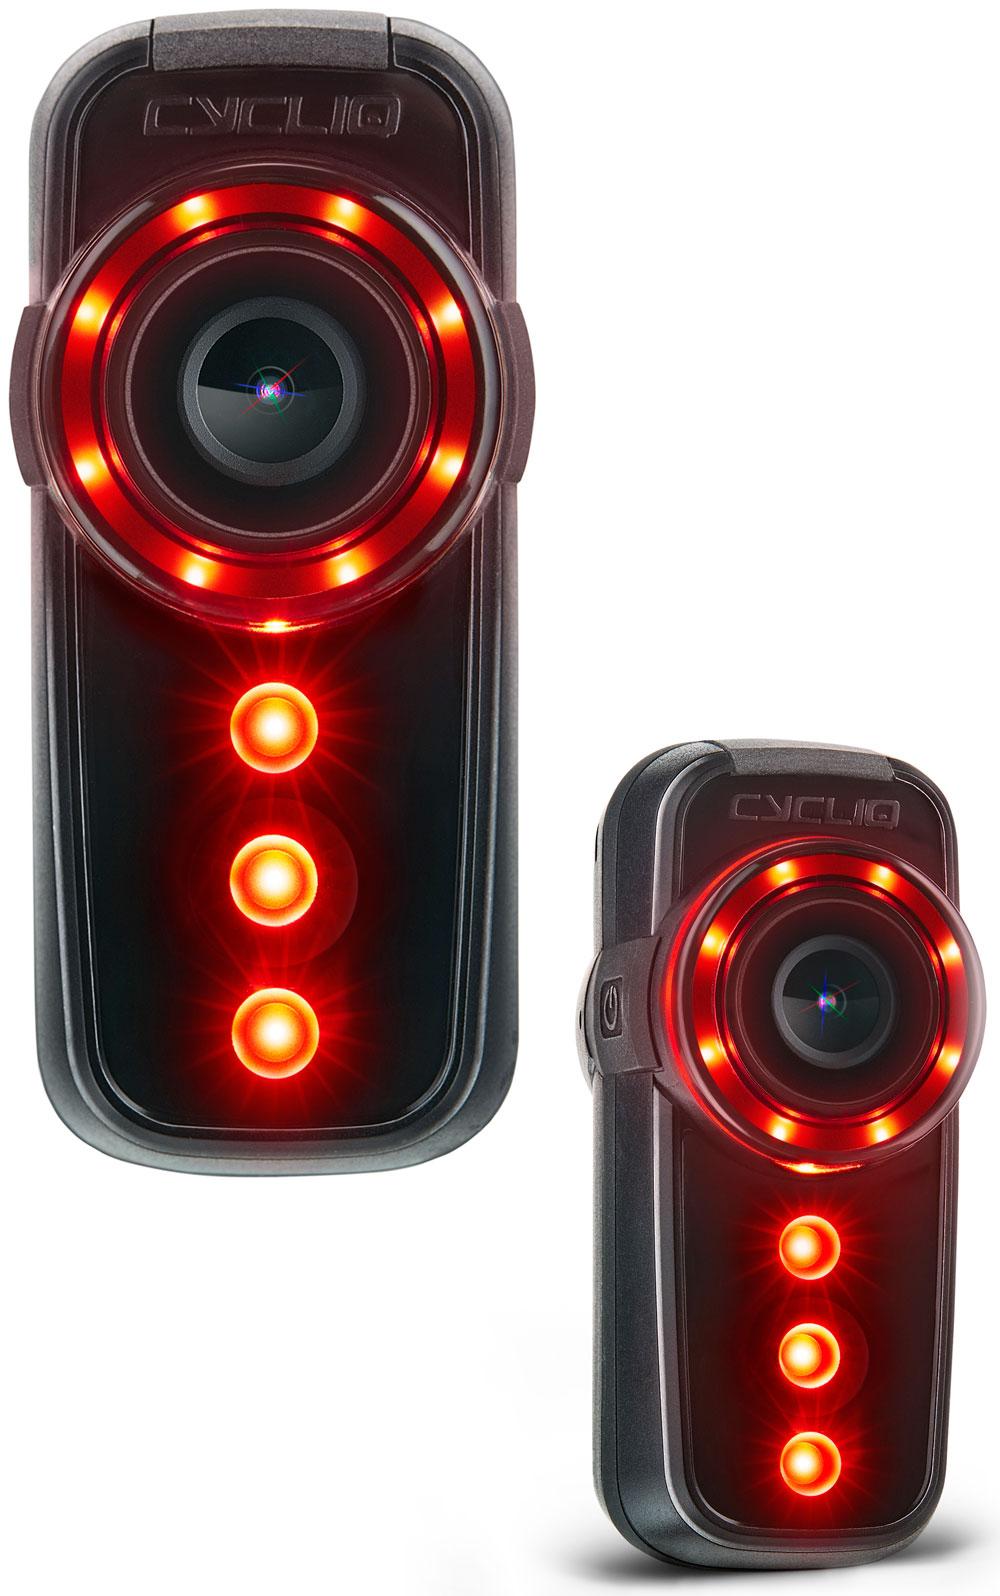 En TodoMountainBike: Luz de alta visibilidad y cámara de vídeo con grabación infinita con las Fly6 CE y Fly12 CE de Cycliq